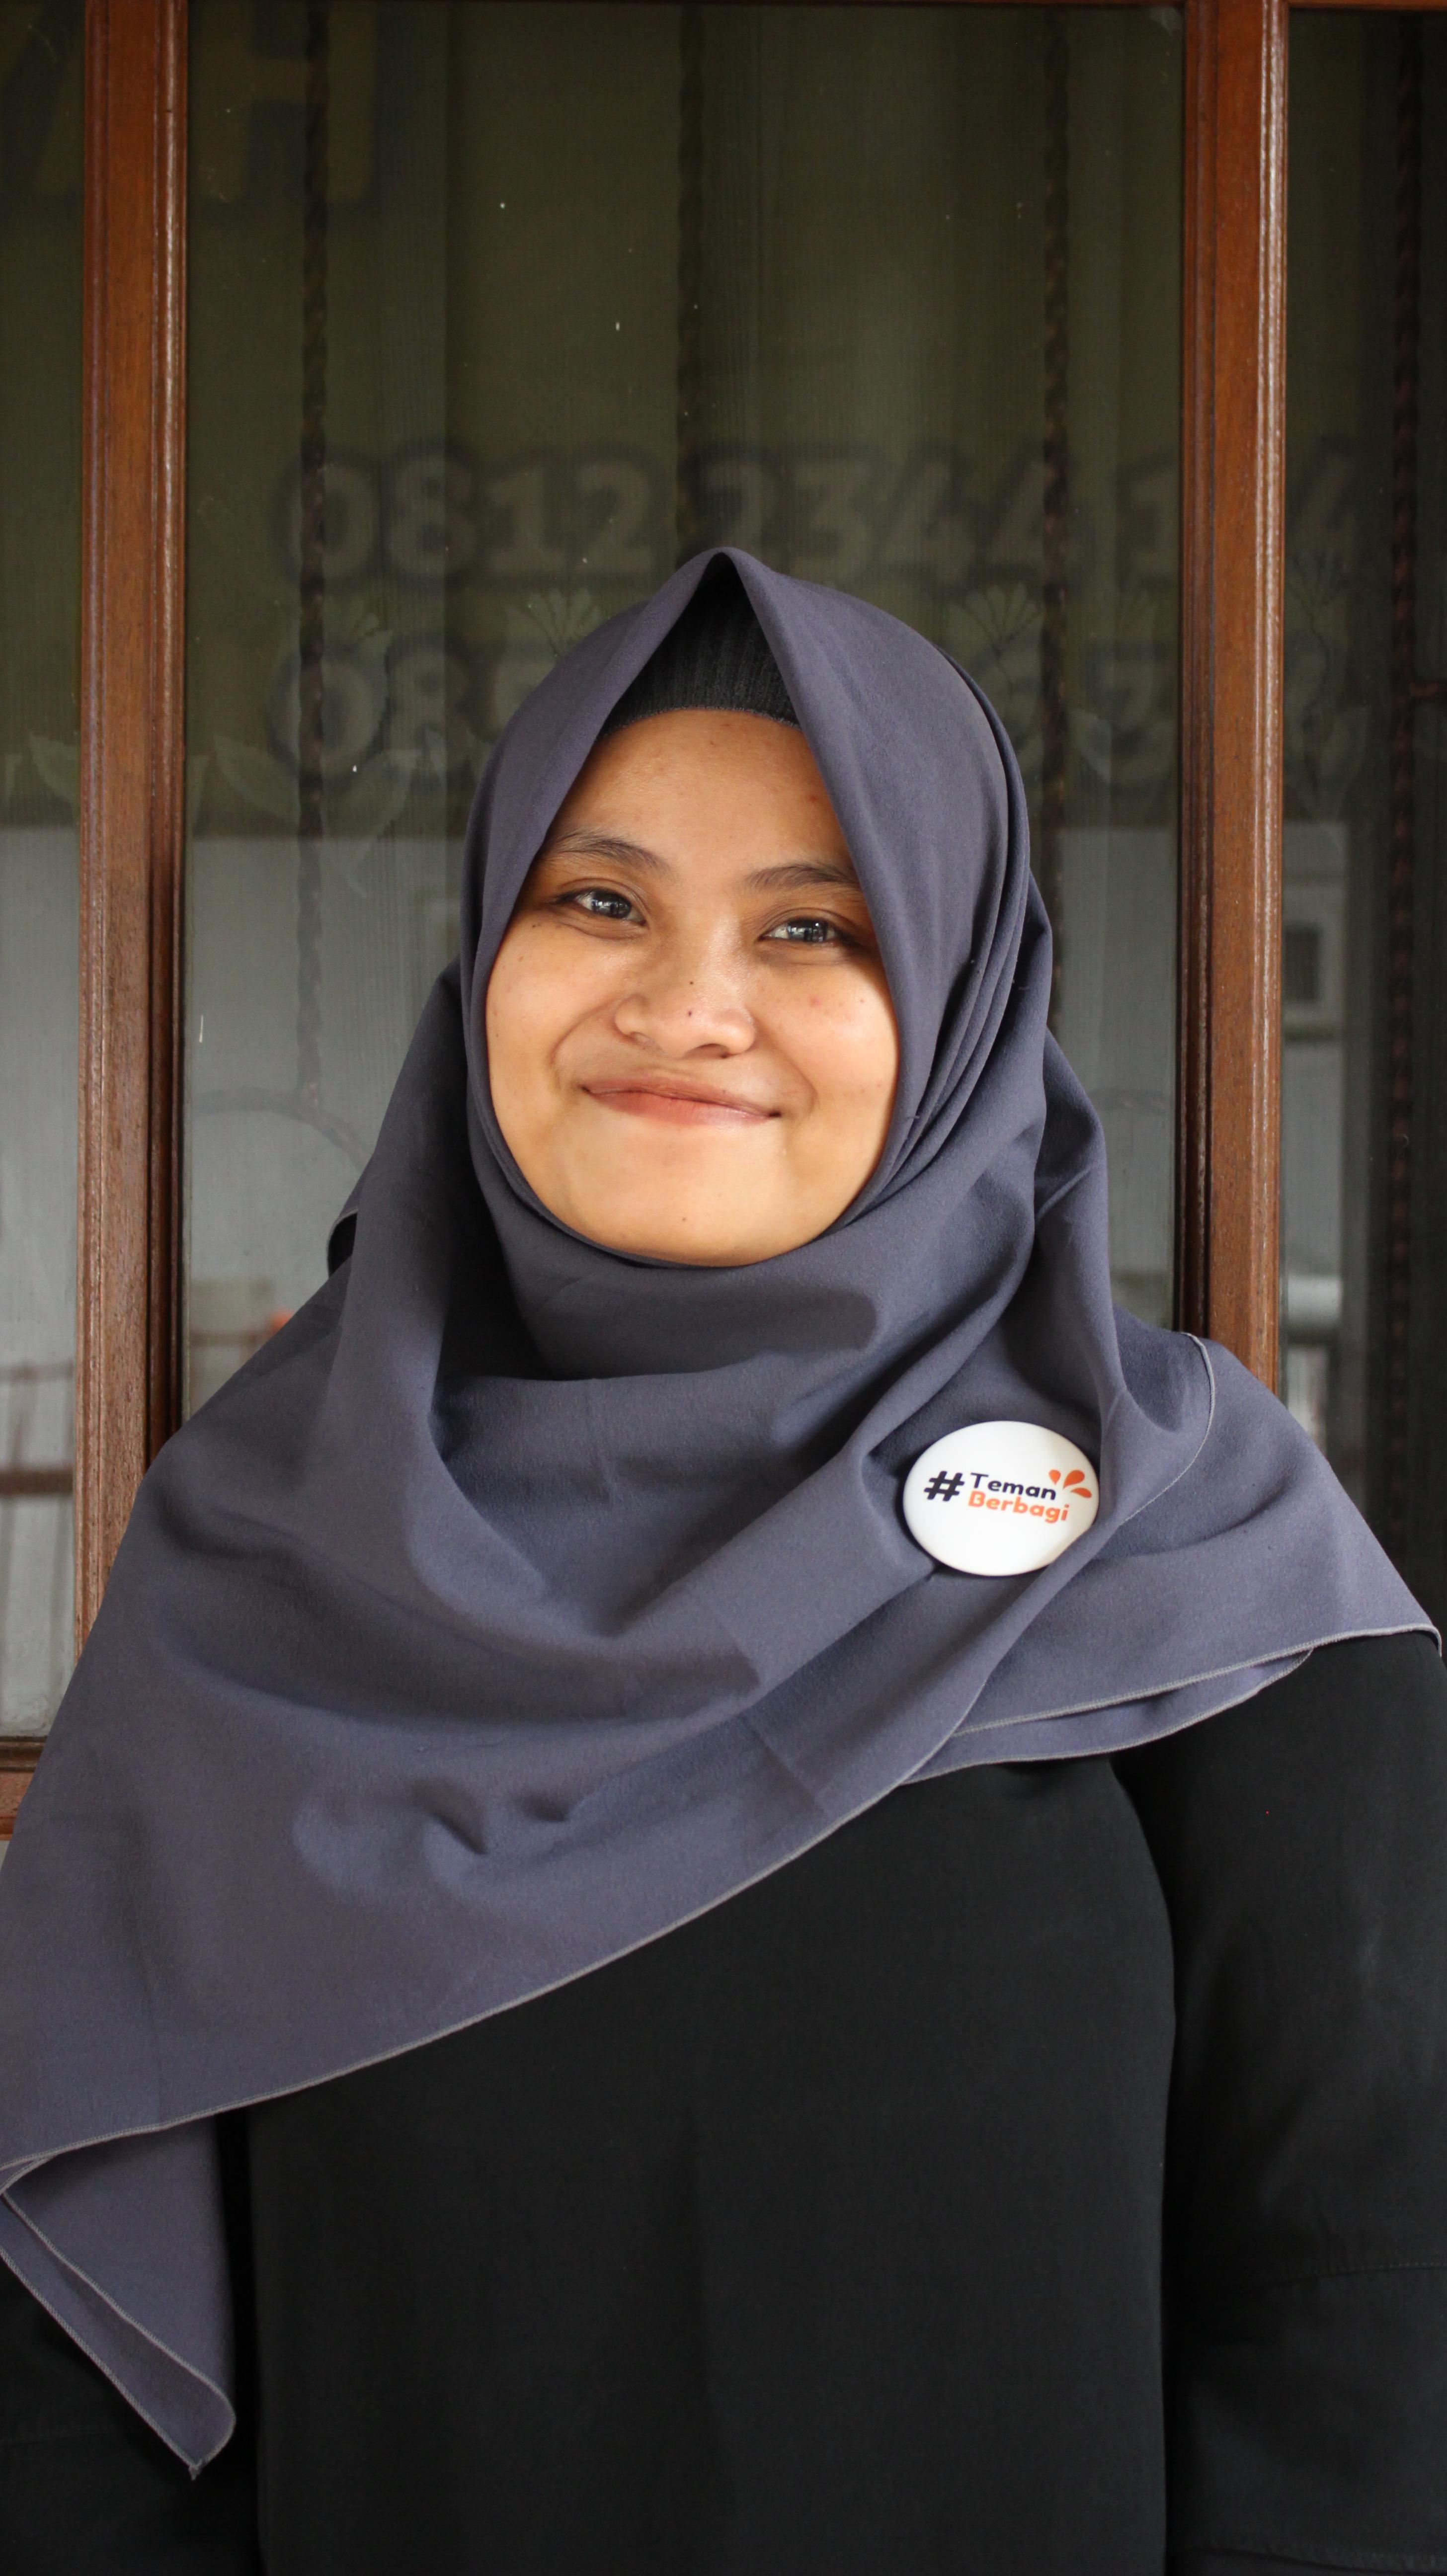 Faizah Khoirunnisa